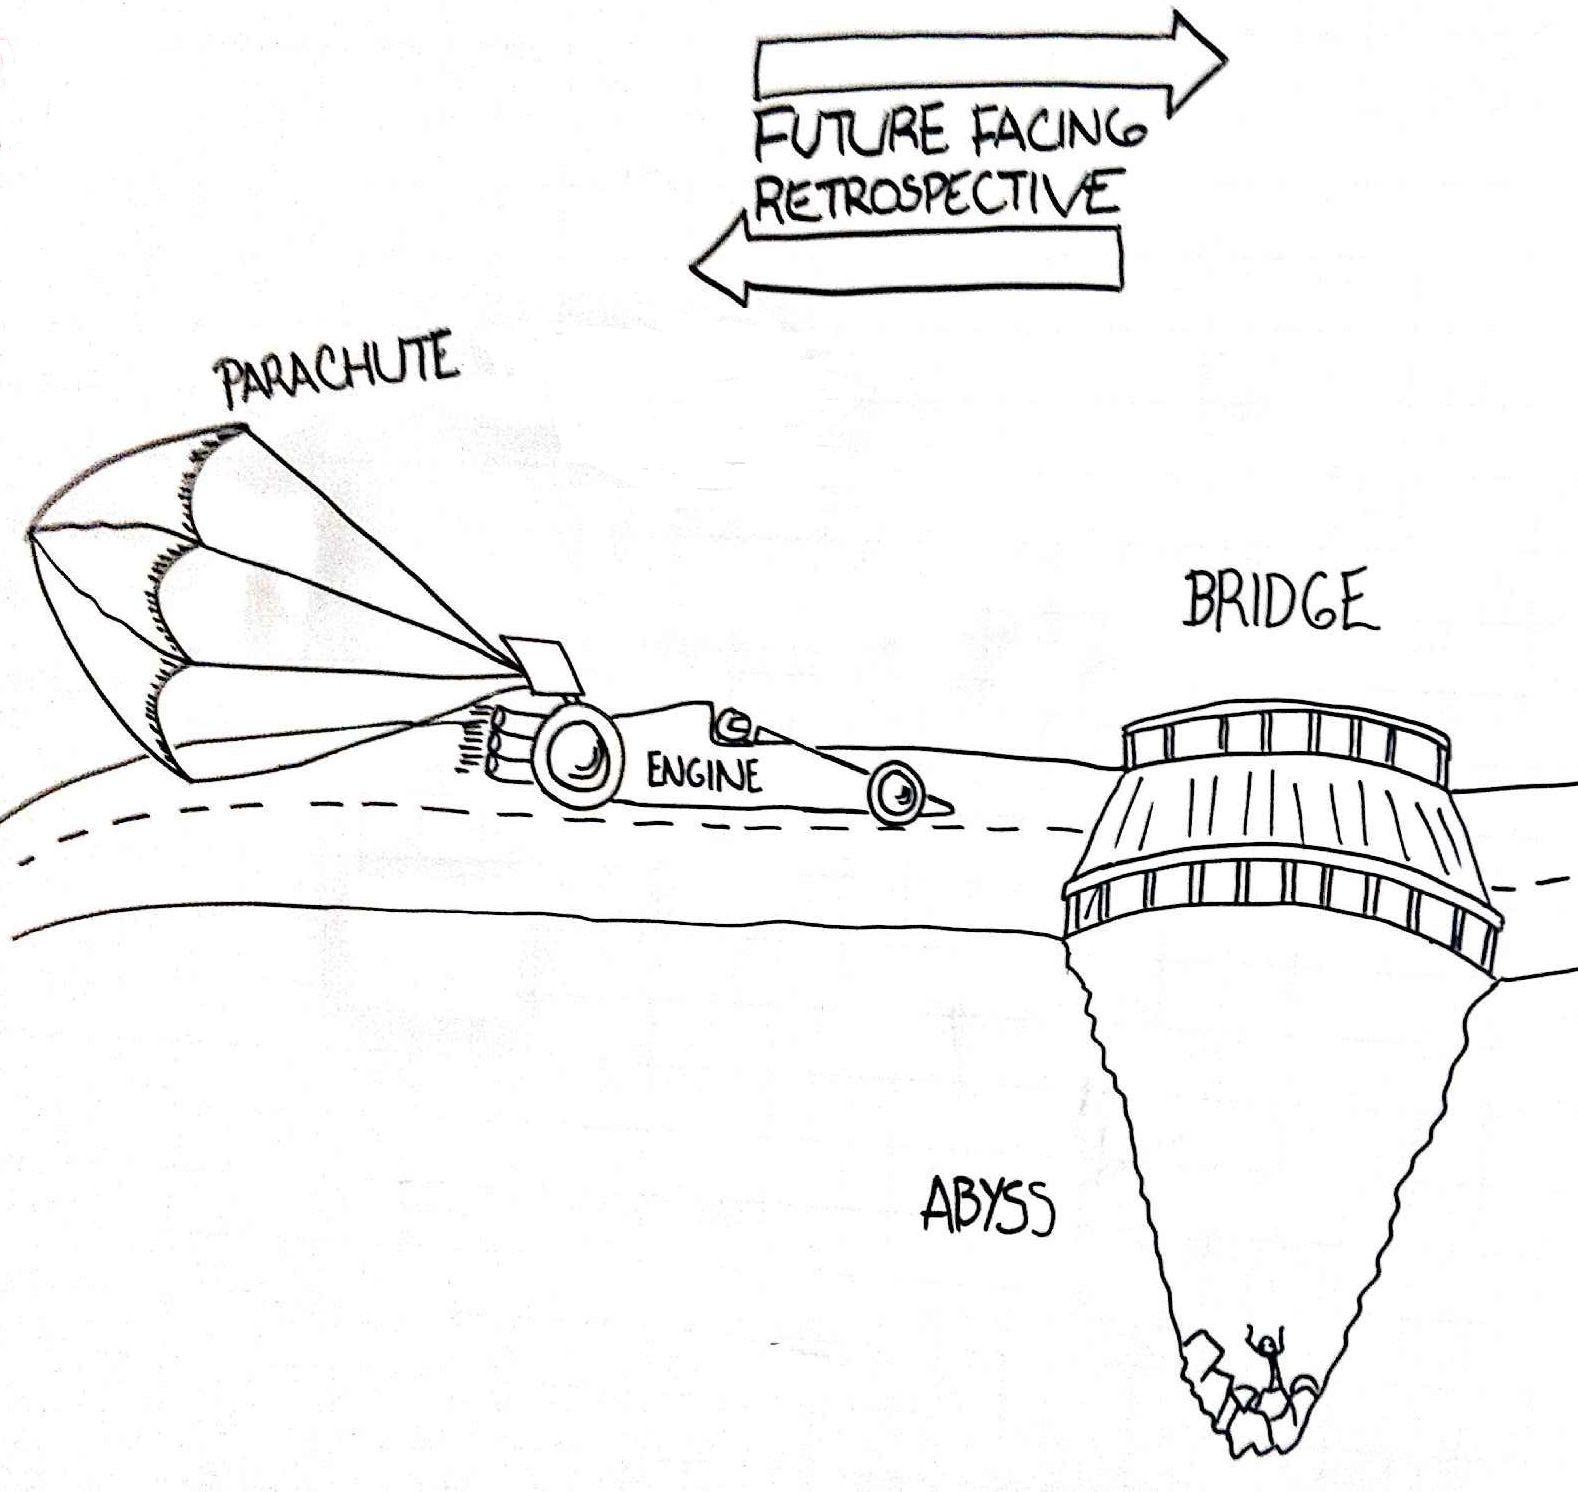 Schema della tecnica Speed car - Abisso per la gestione di una Retrospective nella metodologia Agile Scrum